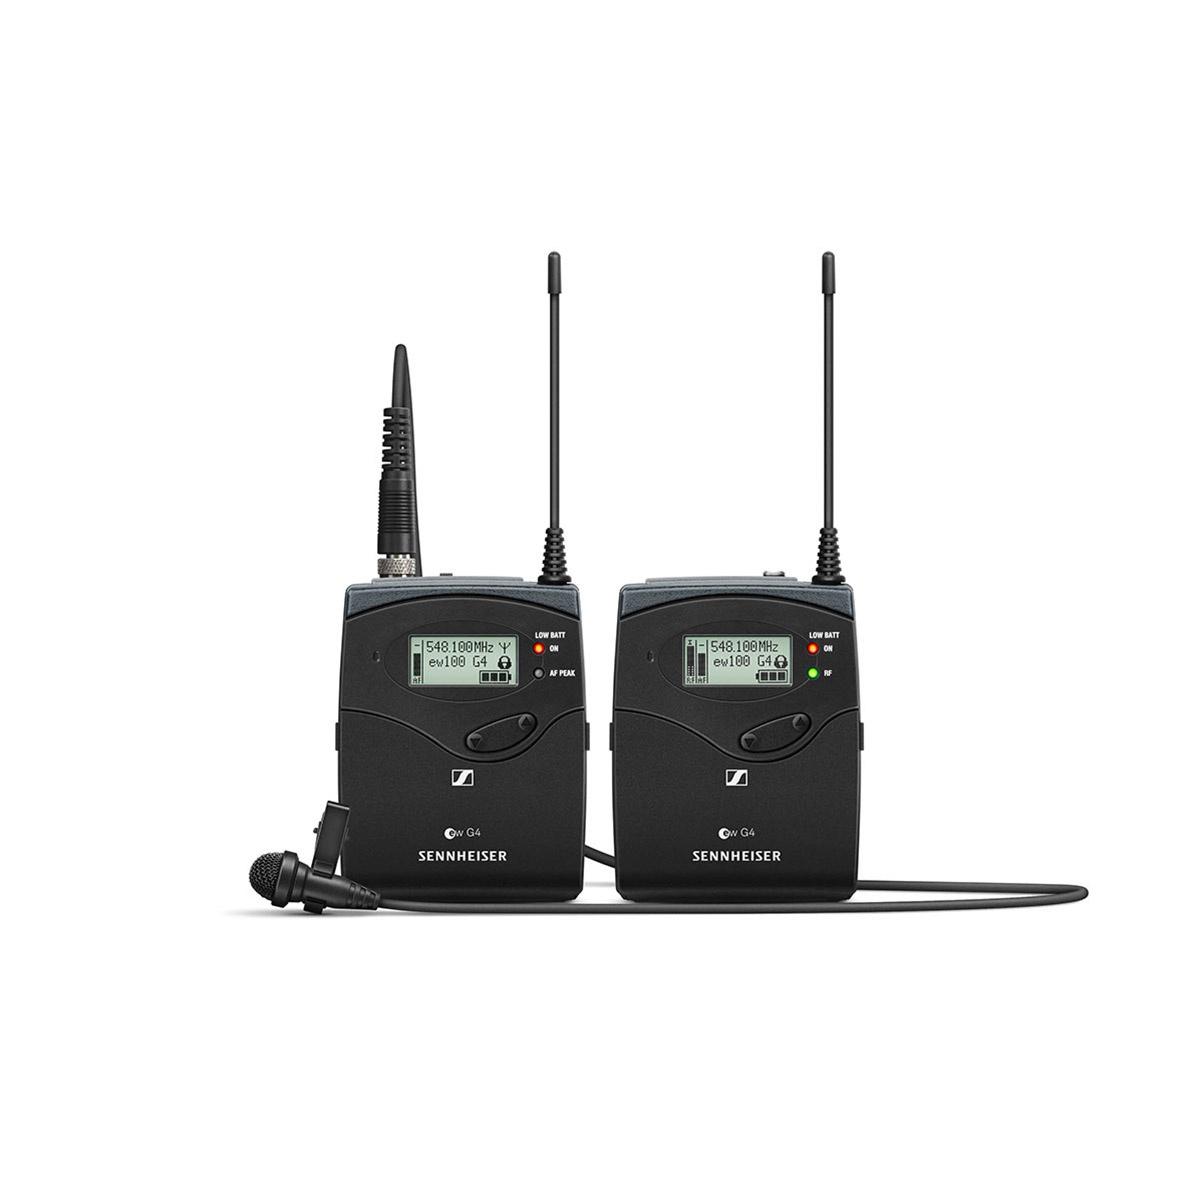 Sennheiser ew 122P G4 (516 - 558 MHz) bezdrôtový mikrofónny set s klopovým mikrofónom